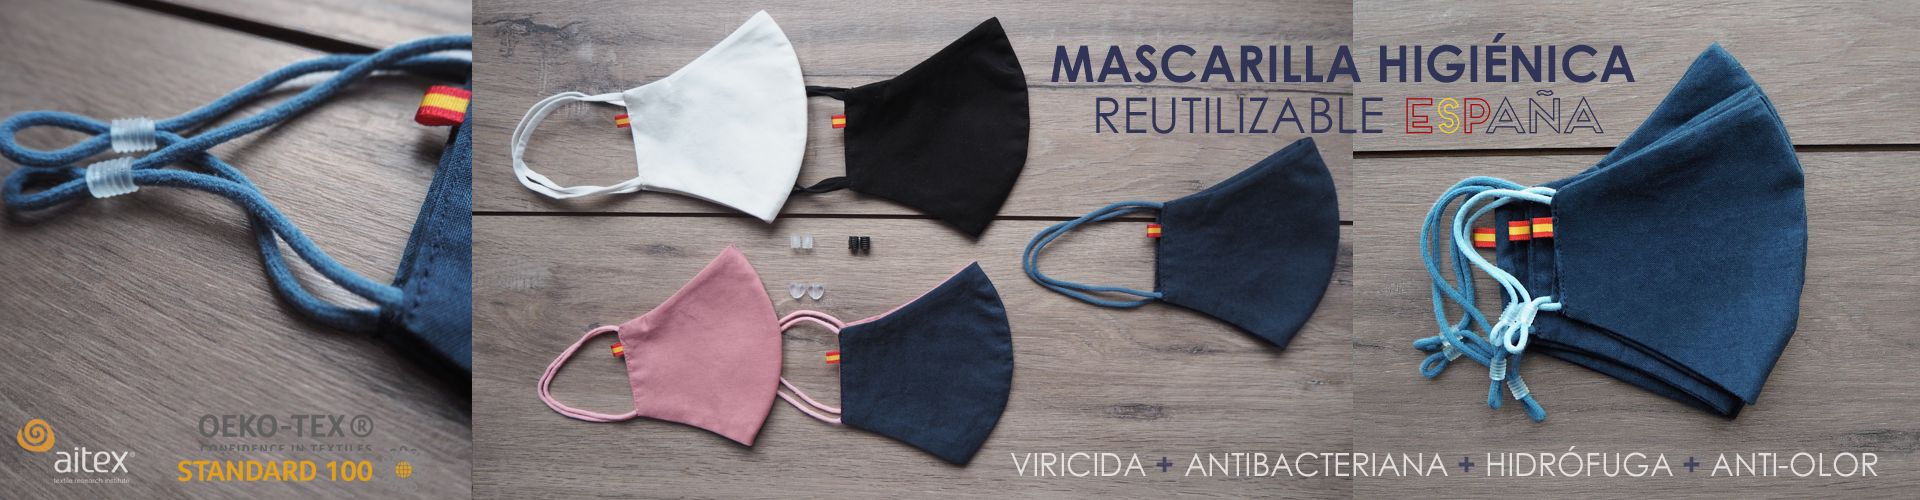 Mascarilla Higiénica ESPAÑA Reutilizable 30 lavados